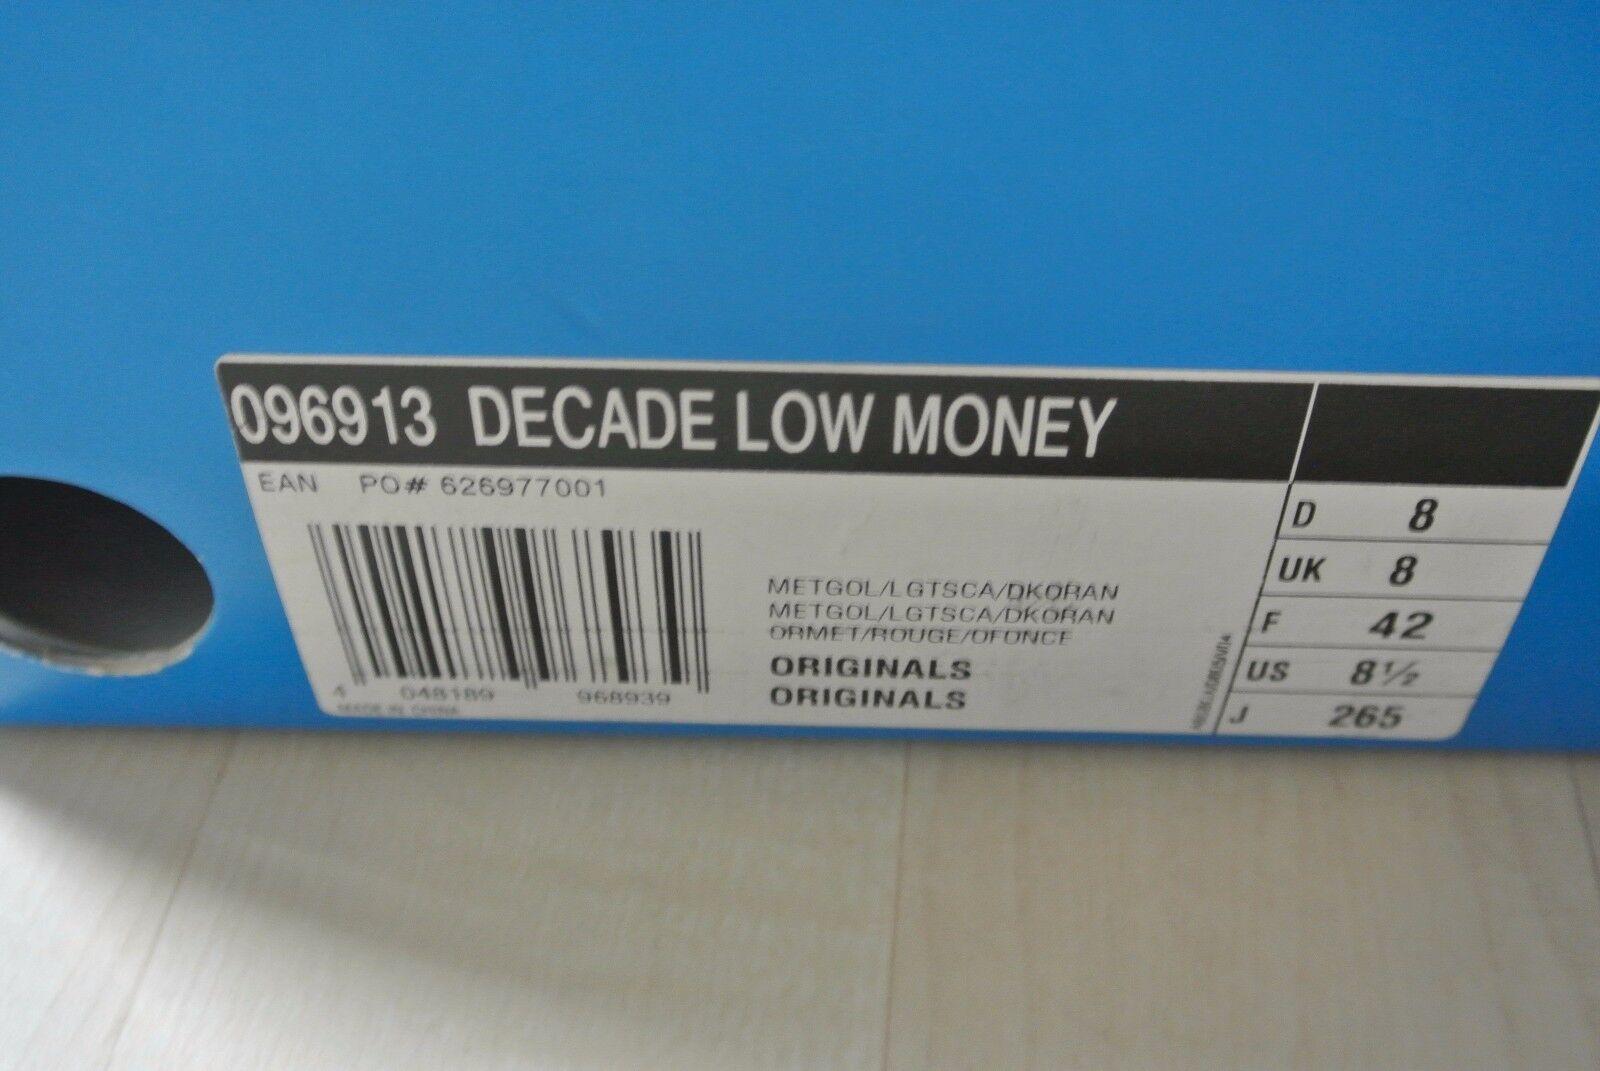 ★★★2007 ADIDAS ORIGINALS CONSORTIUM DECADE LOW MONEY 42 +NEU+★★★★★ +NEU+★★★★★ +NEU+★★★★★ 3d898d